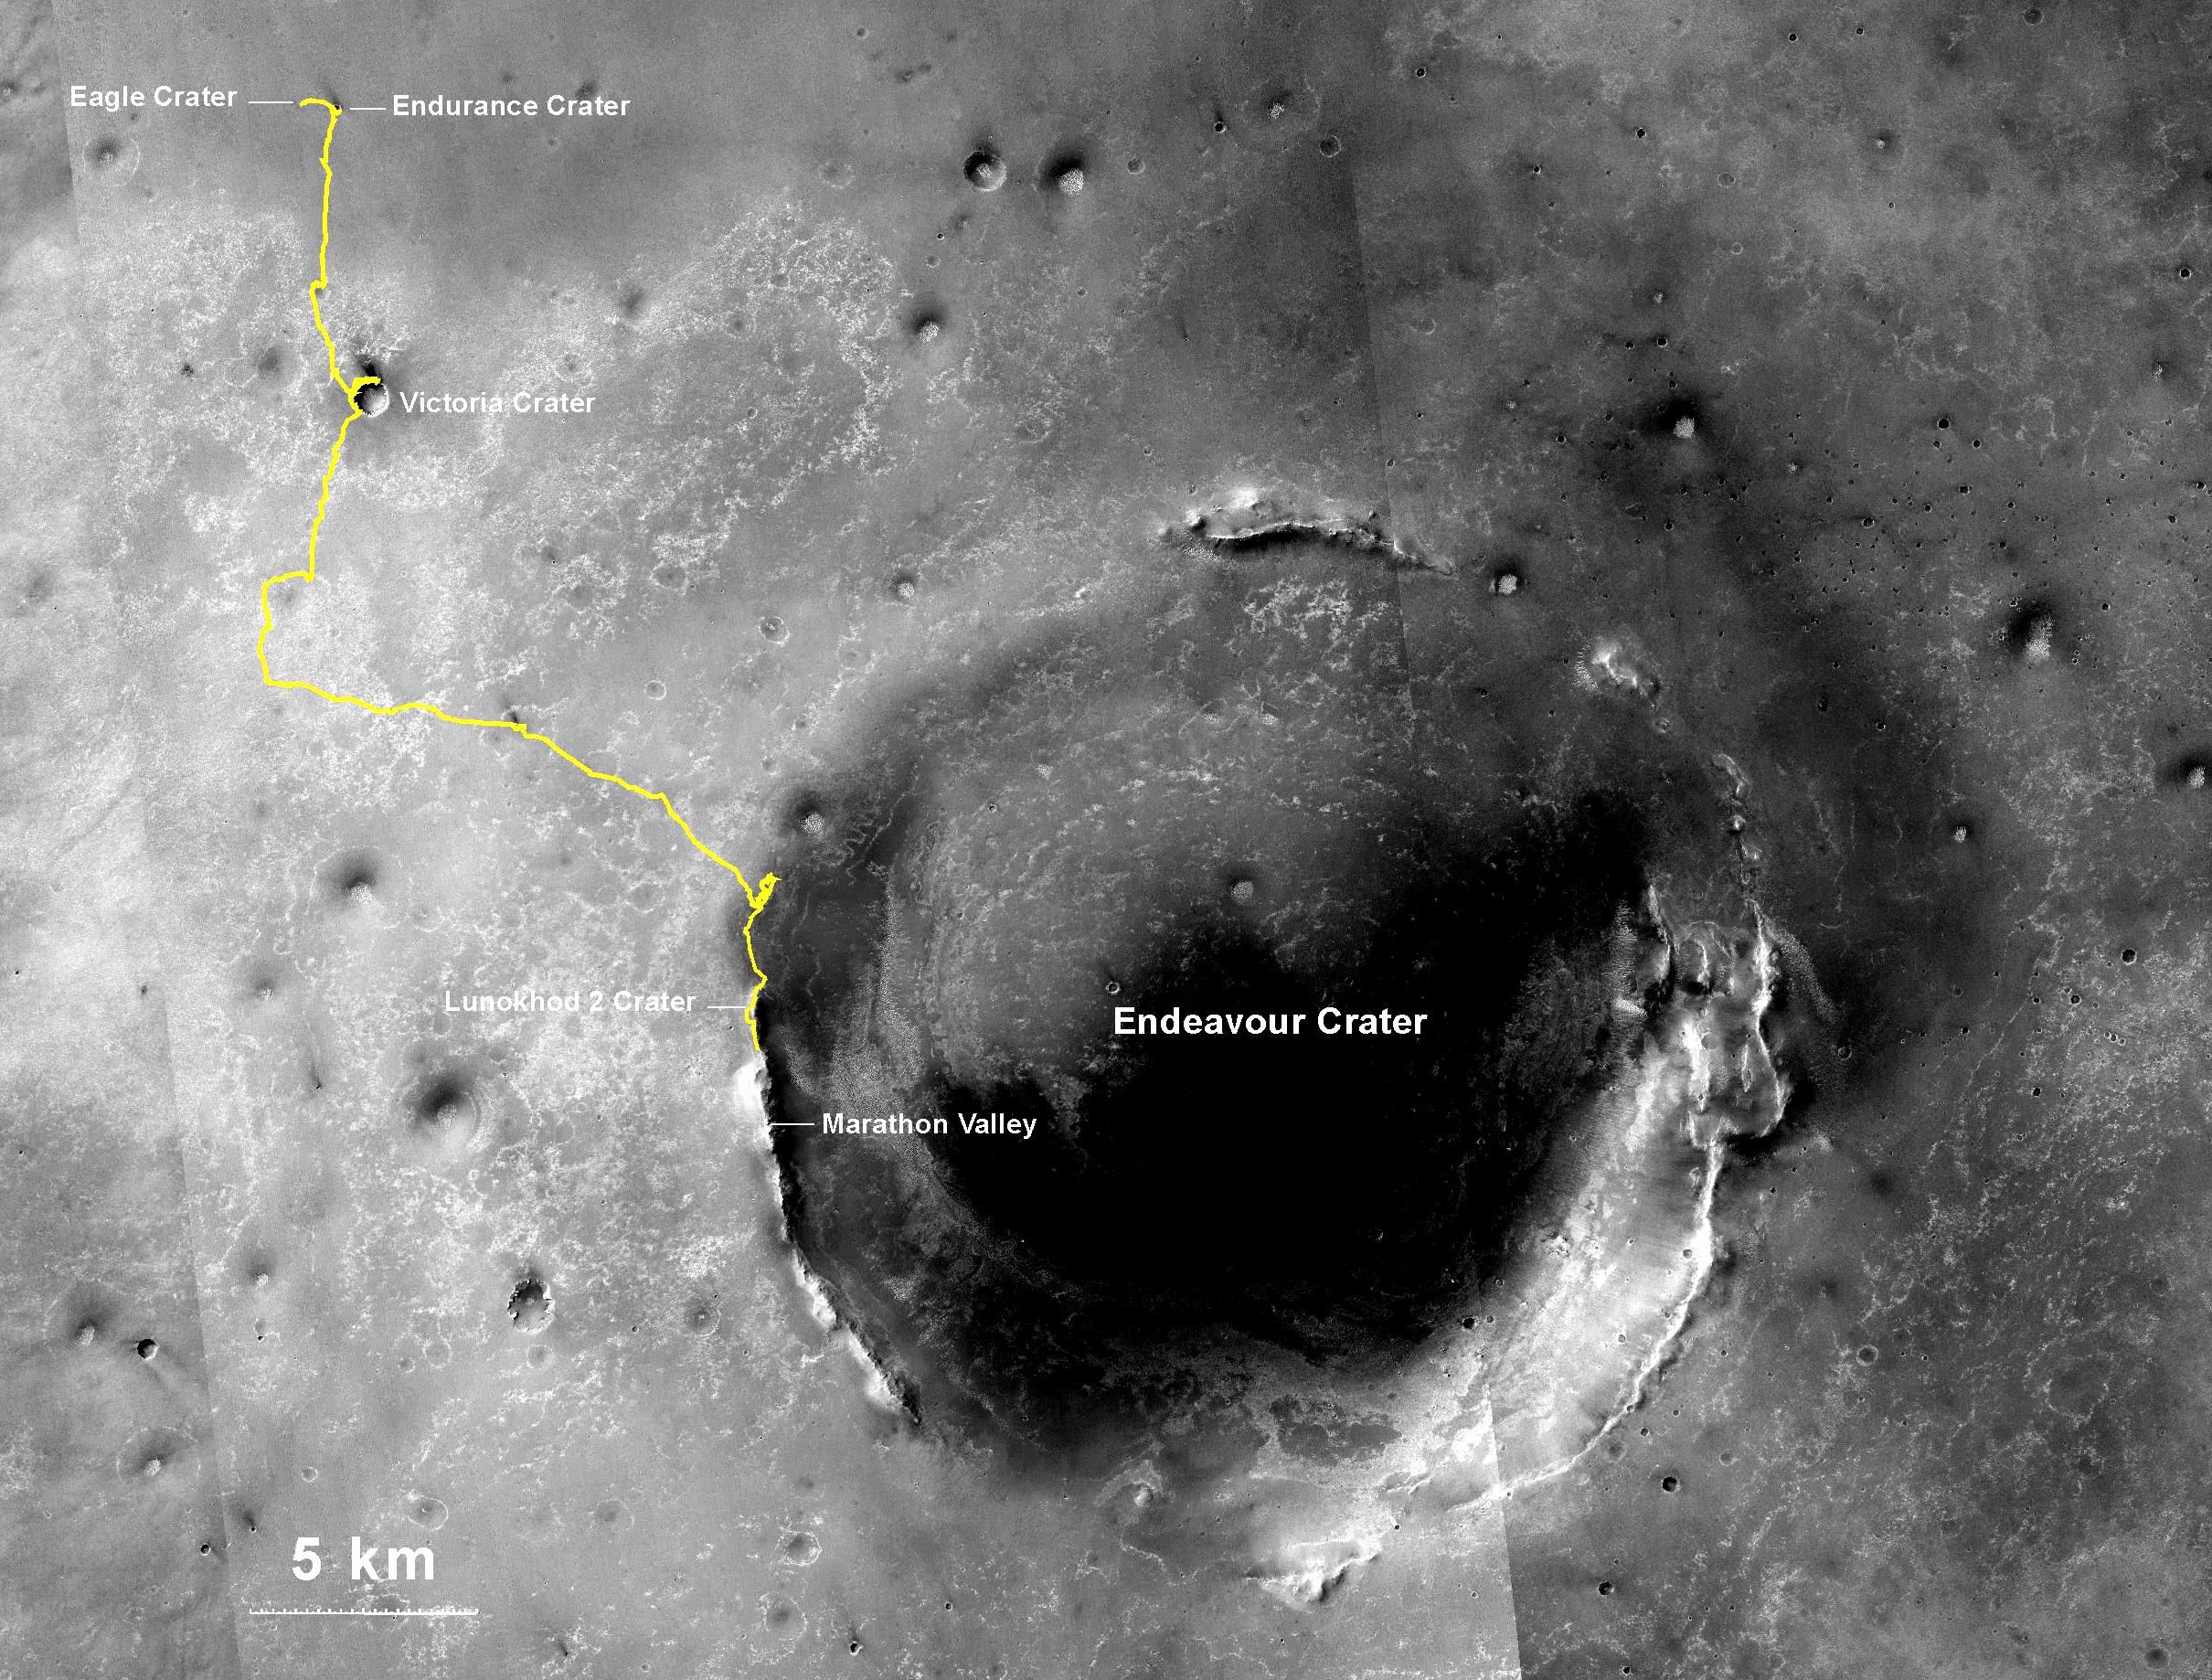 nasa mars rover opportunity - photo #15